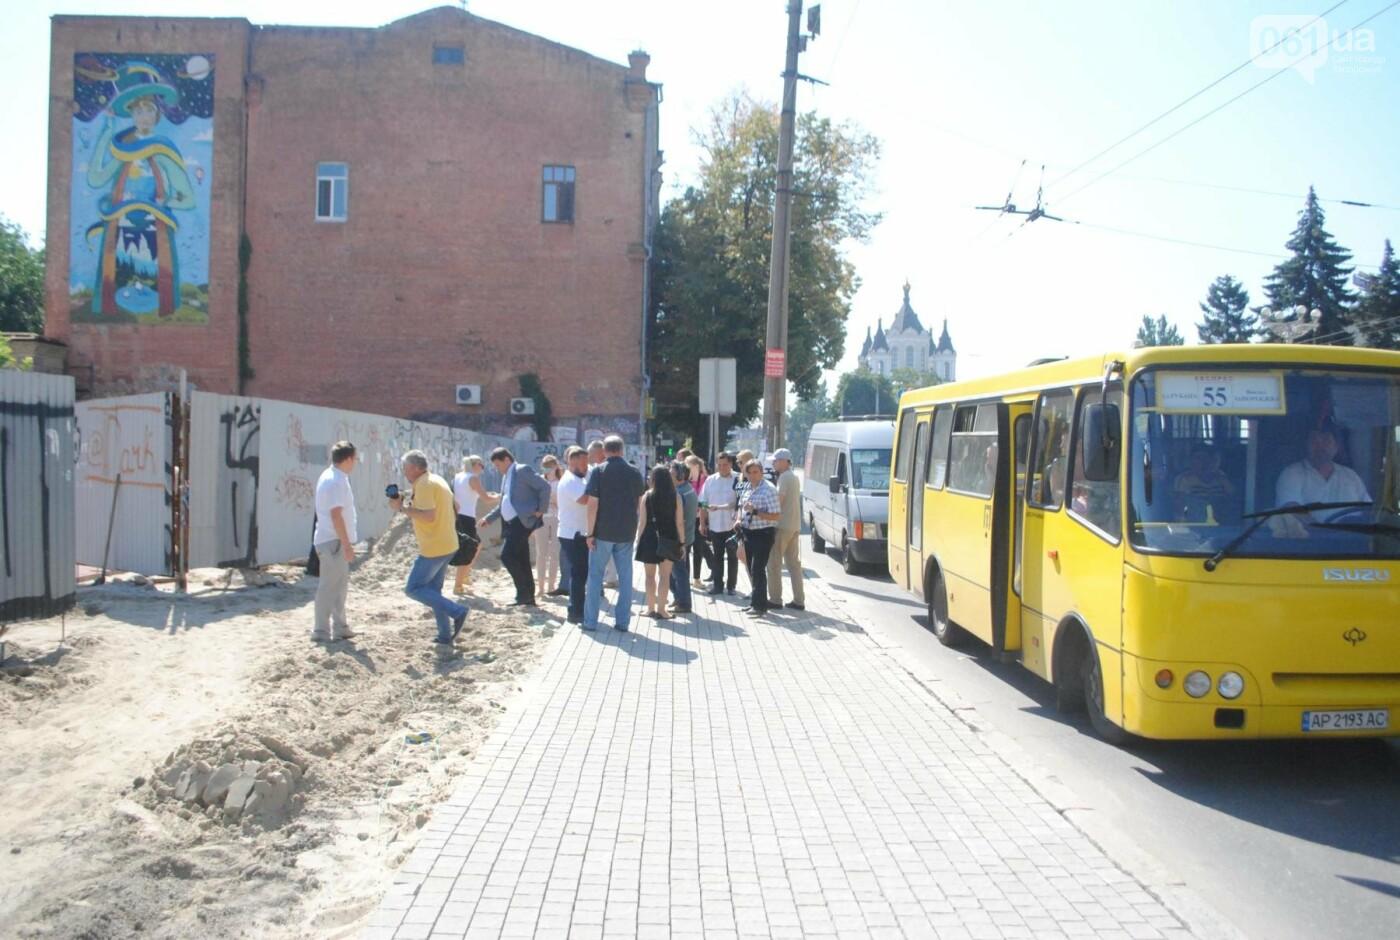 Сквер напротив театра Магара обещают открыть до Дня города, ранее обещали ко Дню Независимости — ФОТОРЕПОРТАЖ, фото-14